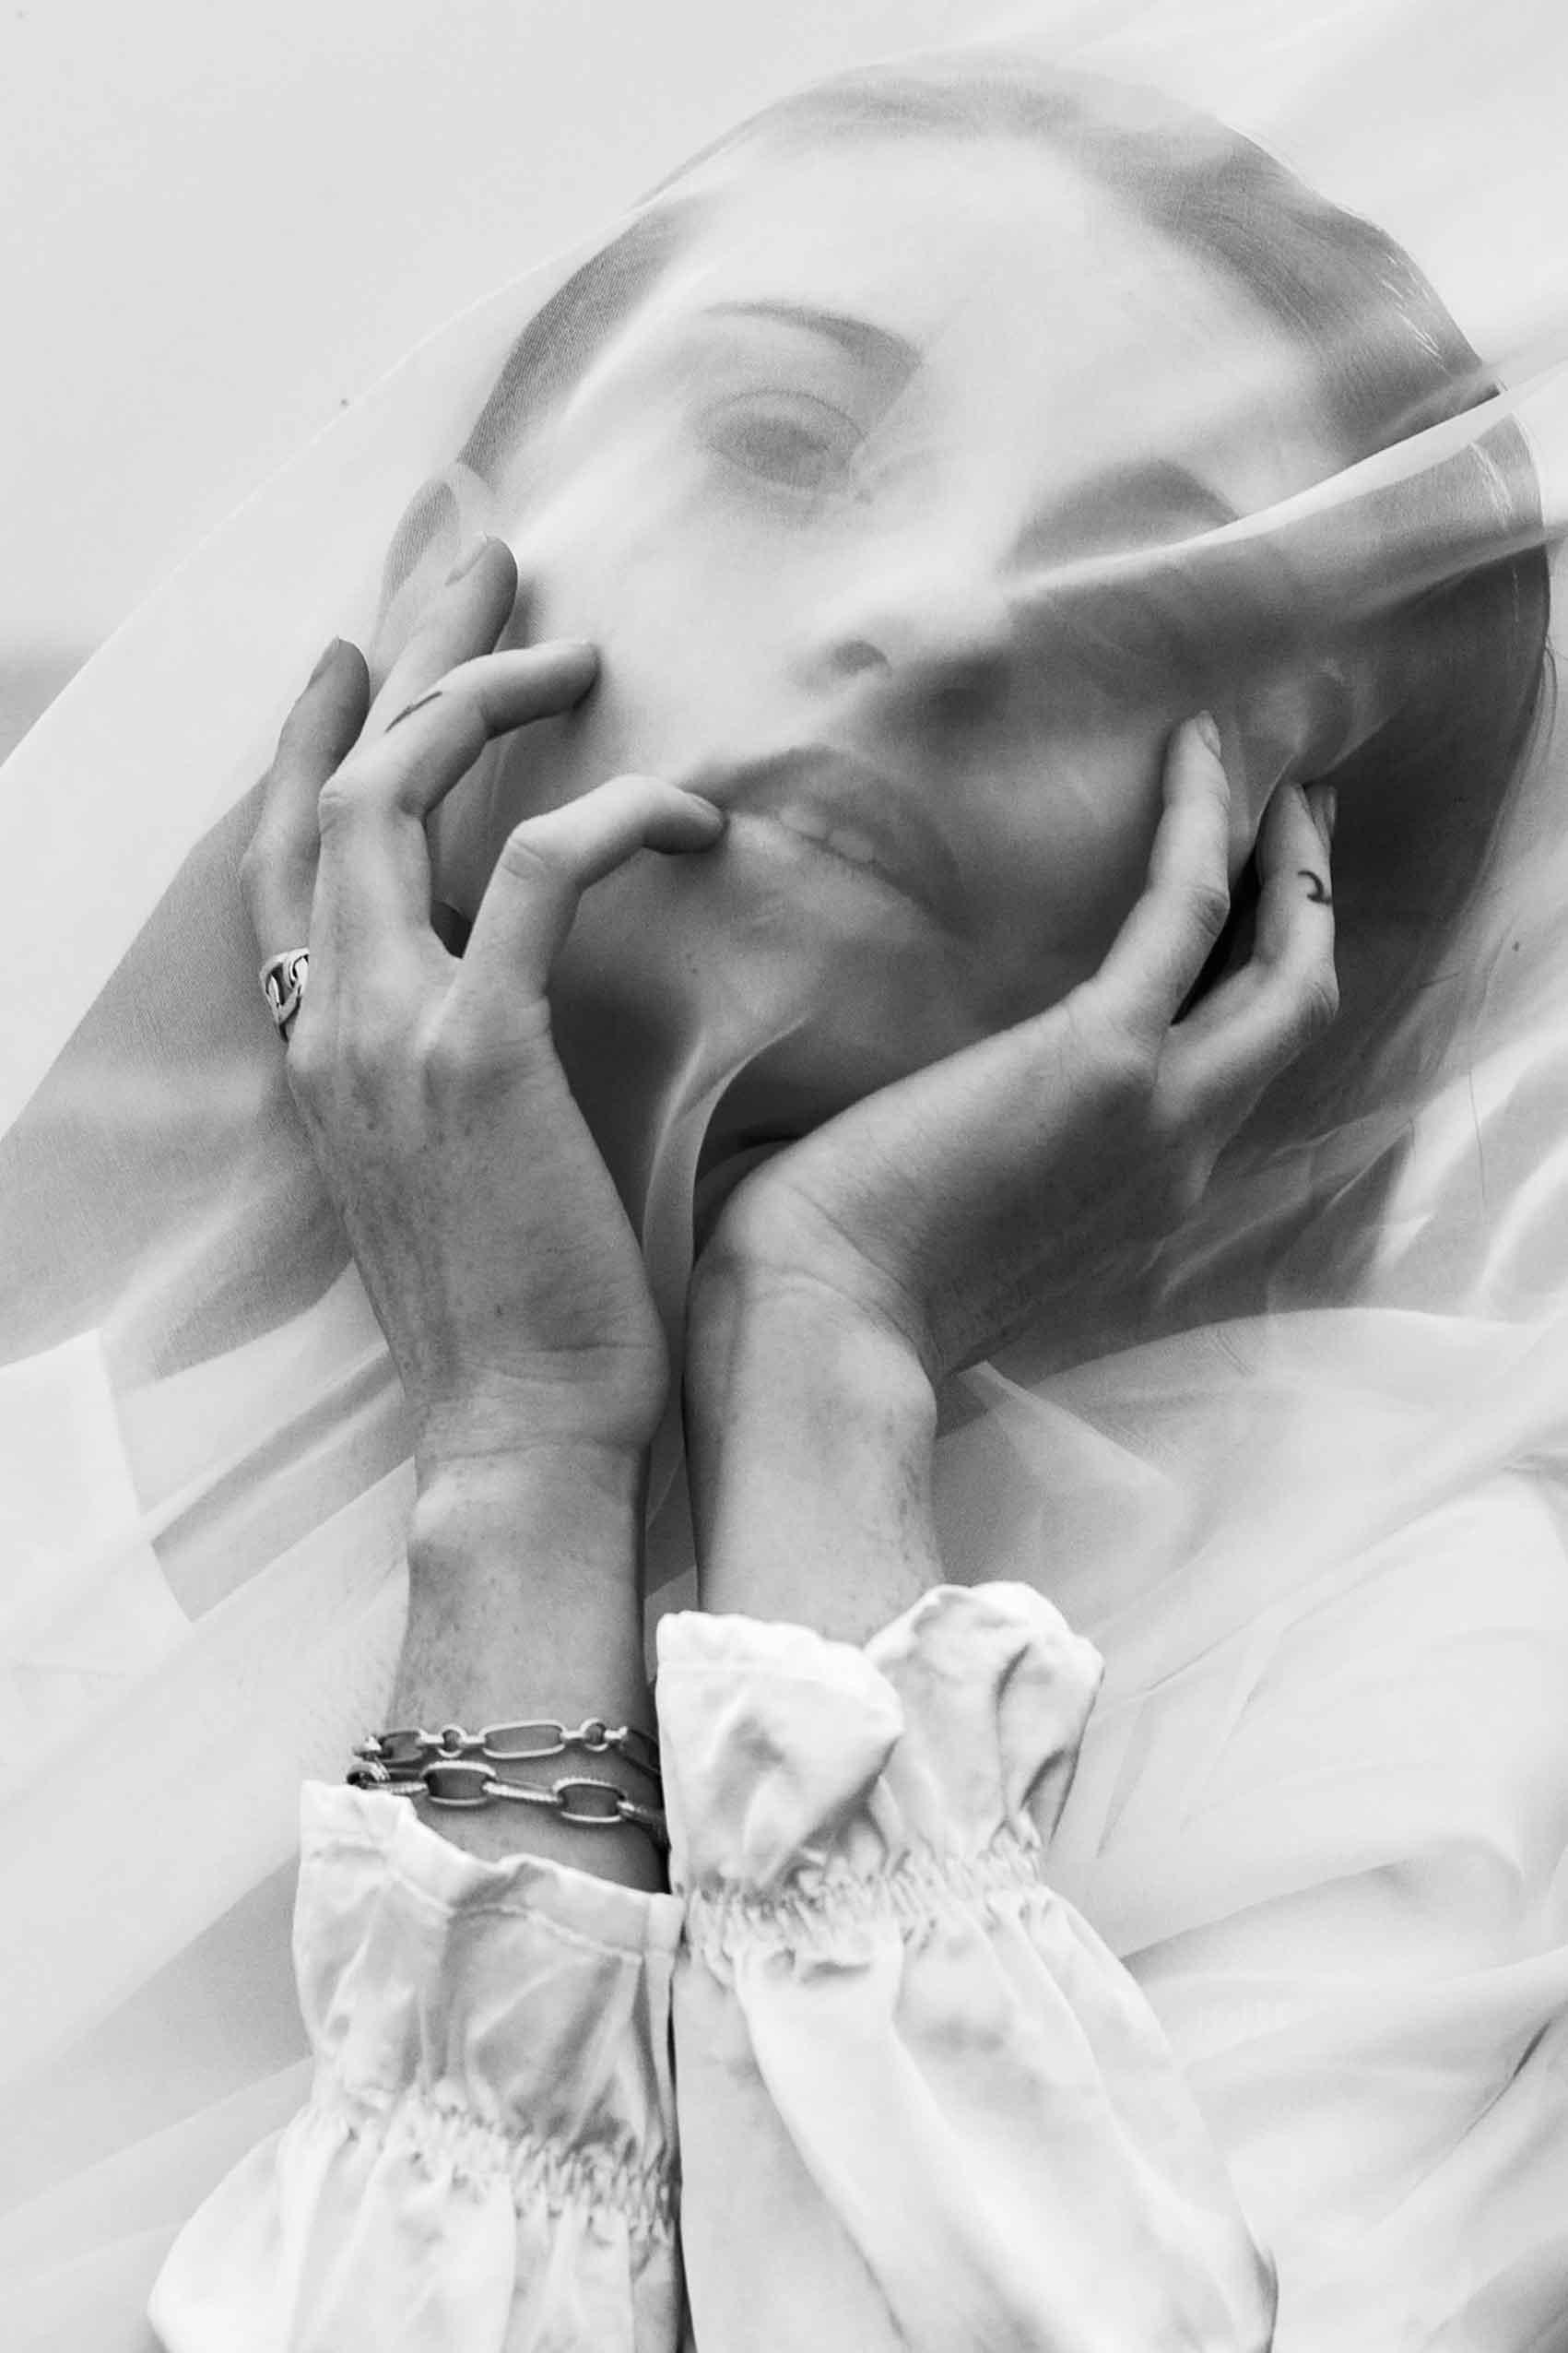 הפקות-אופנה-Photographer: PAVEL ZUBENKO, Model: ANASTASIA KUDRYAVTSEVA, Model Agency: HH MODEL, Styling: DANA ASHEROV, Hair Stylist & Makeup Artist: OLLA SIGUROV, Photographer Ass: EDO ASULIN -הפקות-אופנה